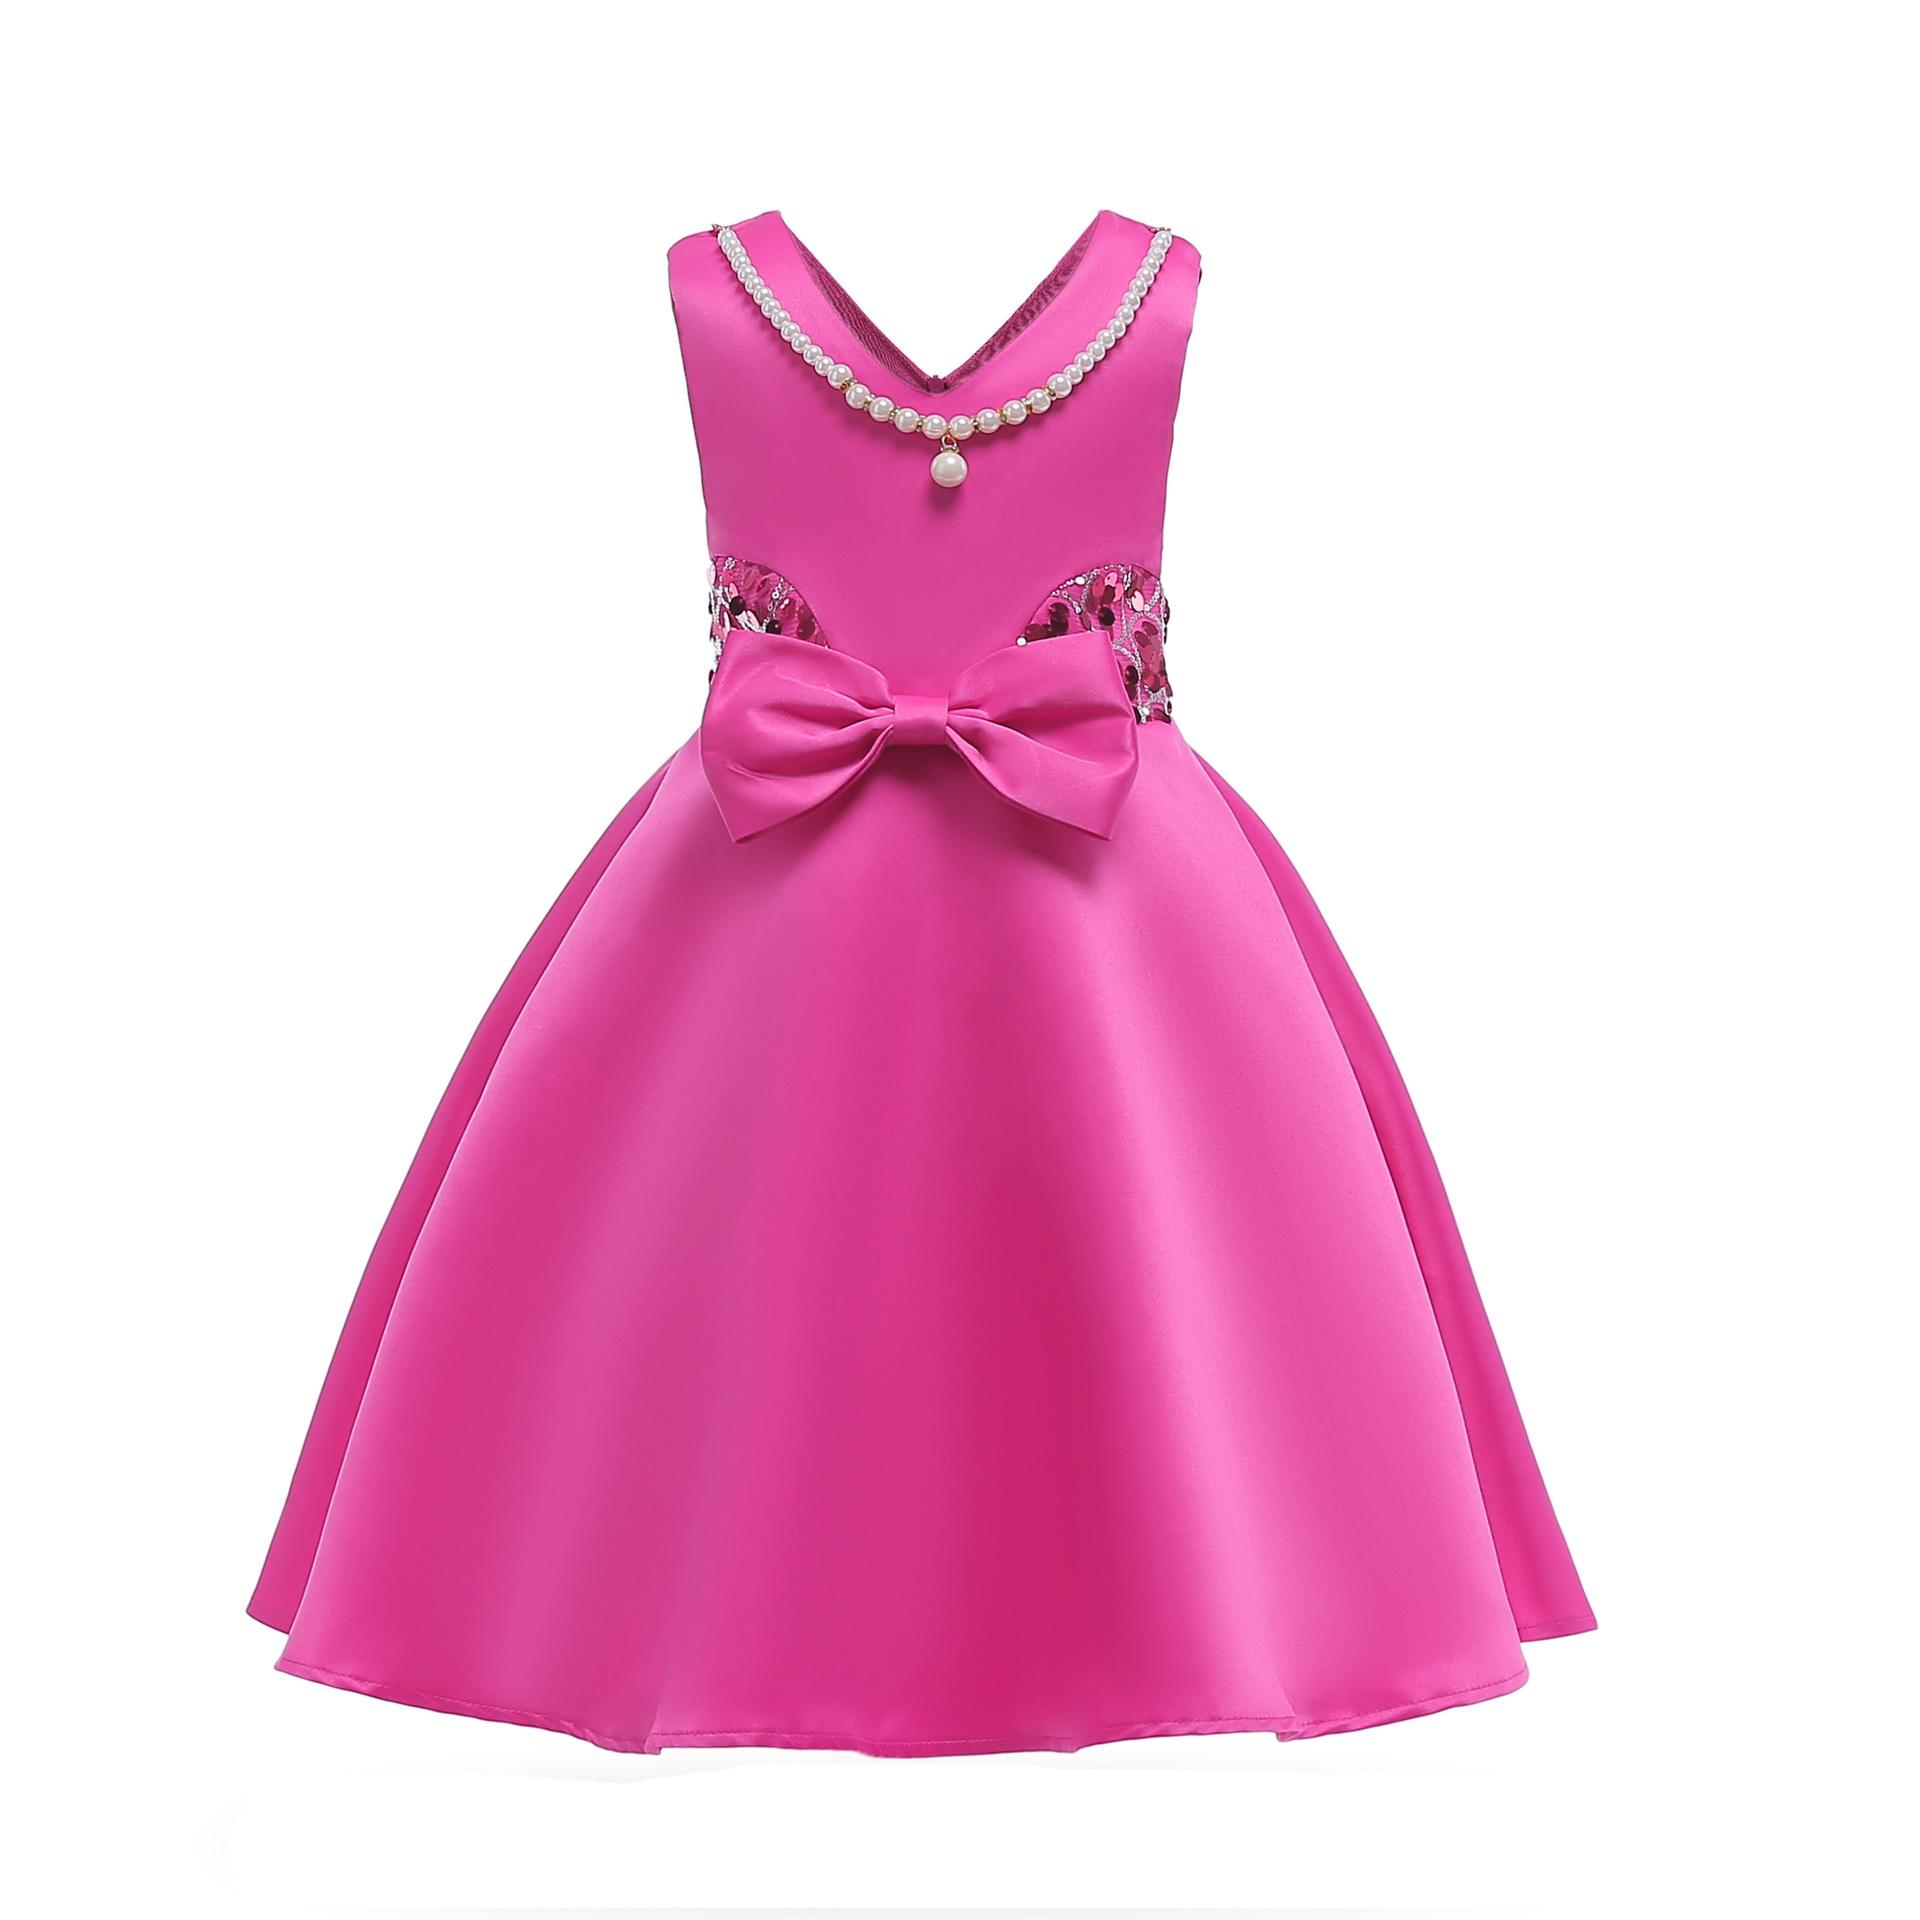 Hibyhoby 2018 nowa suknia balowa bez rękawów sukienka z cekinami - Ubrania dziecięce - Zdjęcie 3